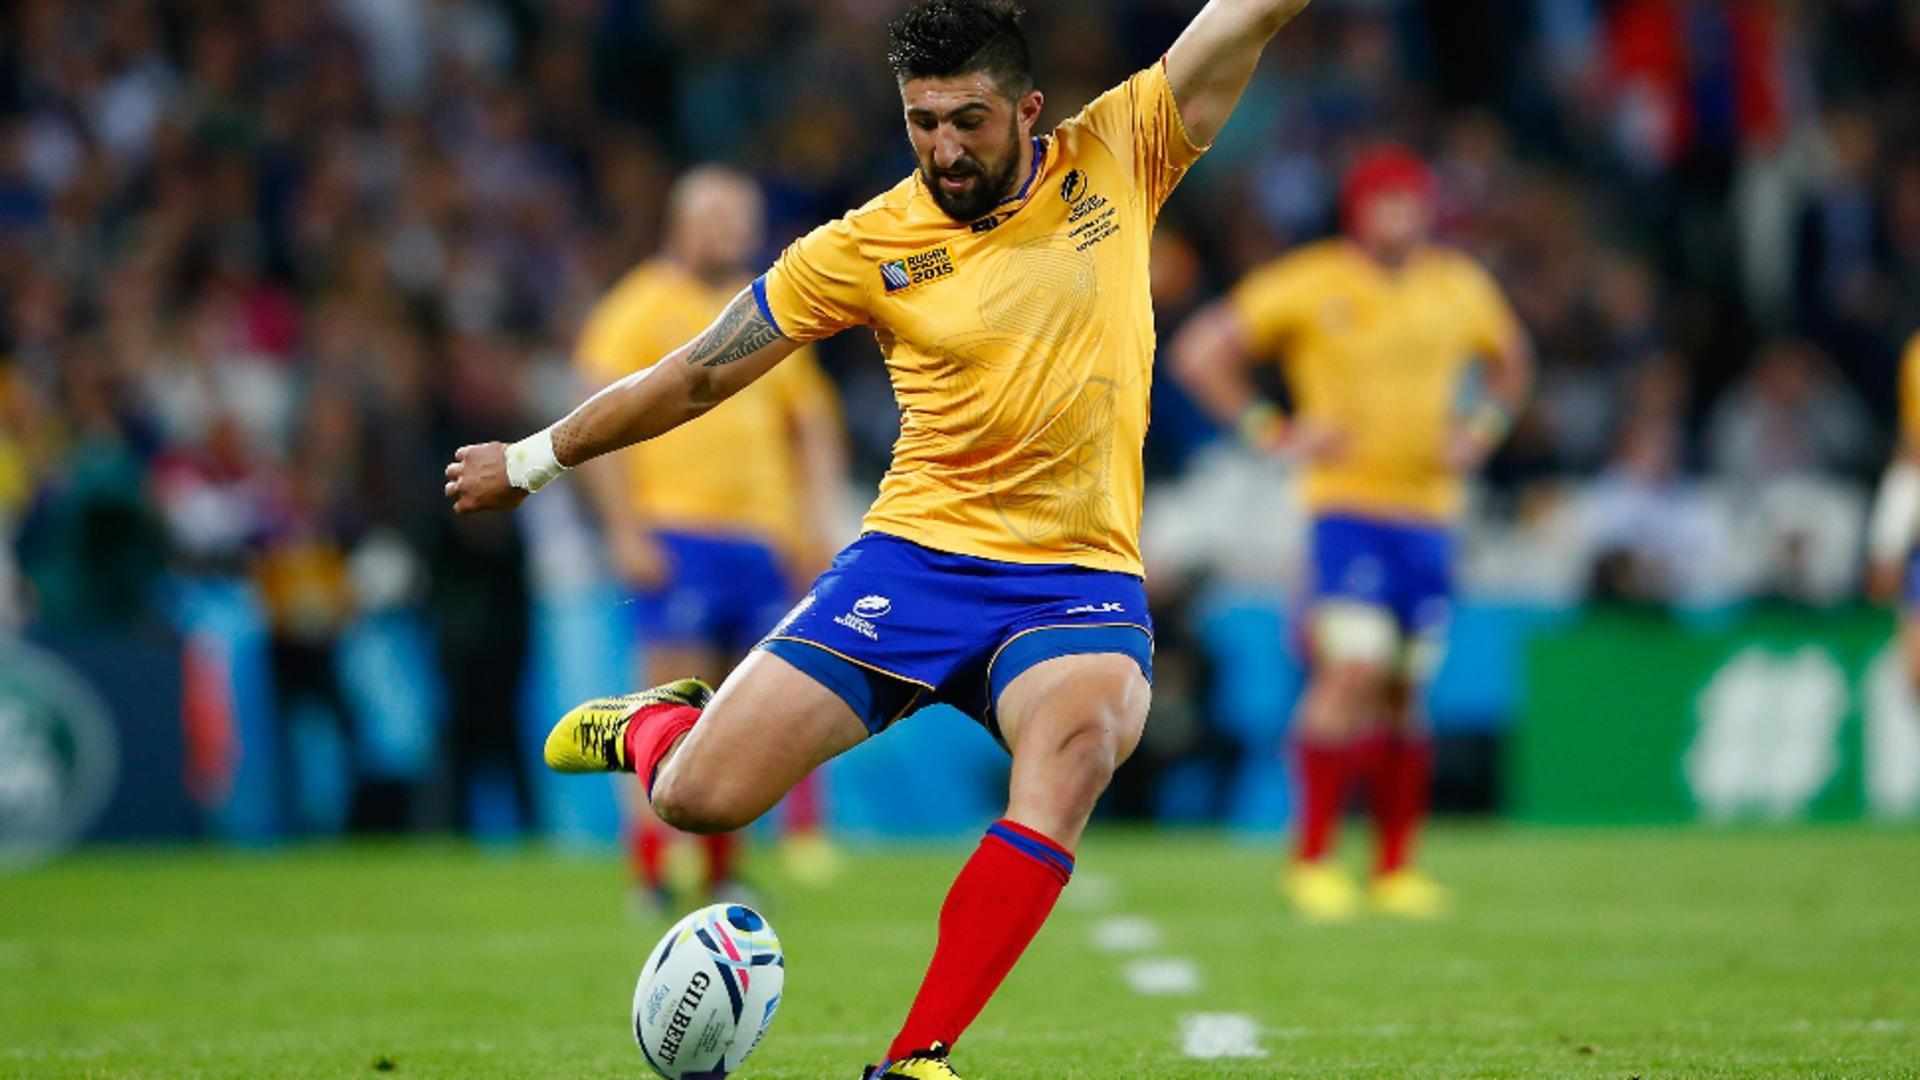 Florin Vlaicu a intrat în istoria rugby-ului mondial! Doar șase rugbiști din lume au mai reușit performanța asta